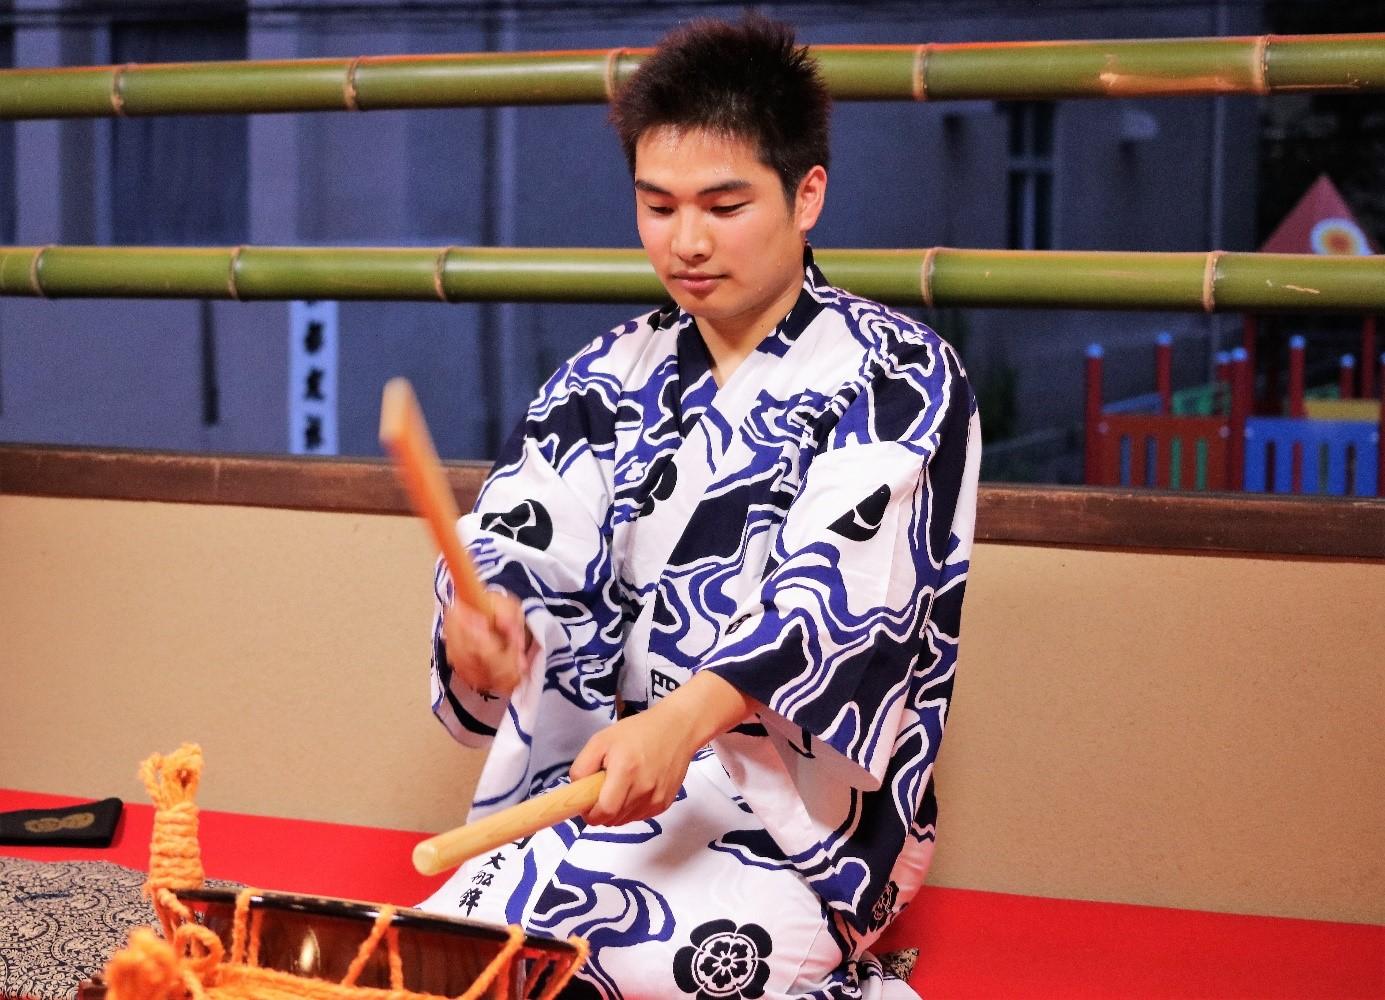 【京都三大祭 祇園祭】大学生囃子方 佐々木さんが語る長年の想いとは…!?